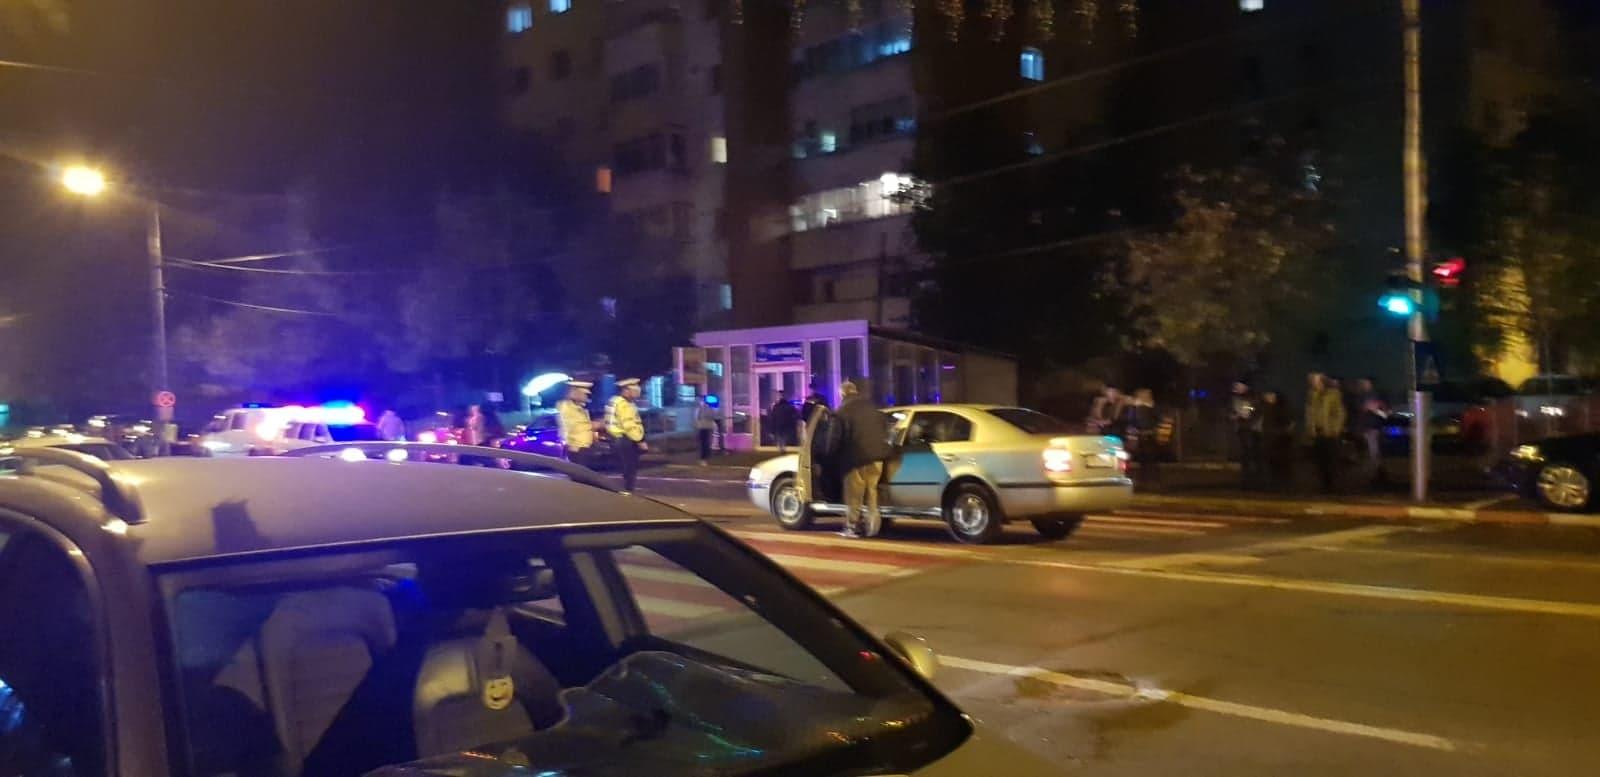 Accident în Alexandria. Minor de 15 ani, accidentat pe trecera de pietoni de un şofer ce nu a respectat culoarea roşie a semaforului